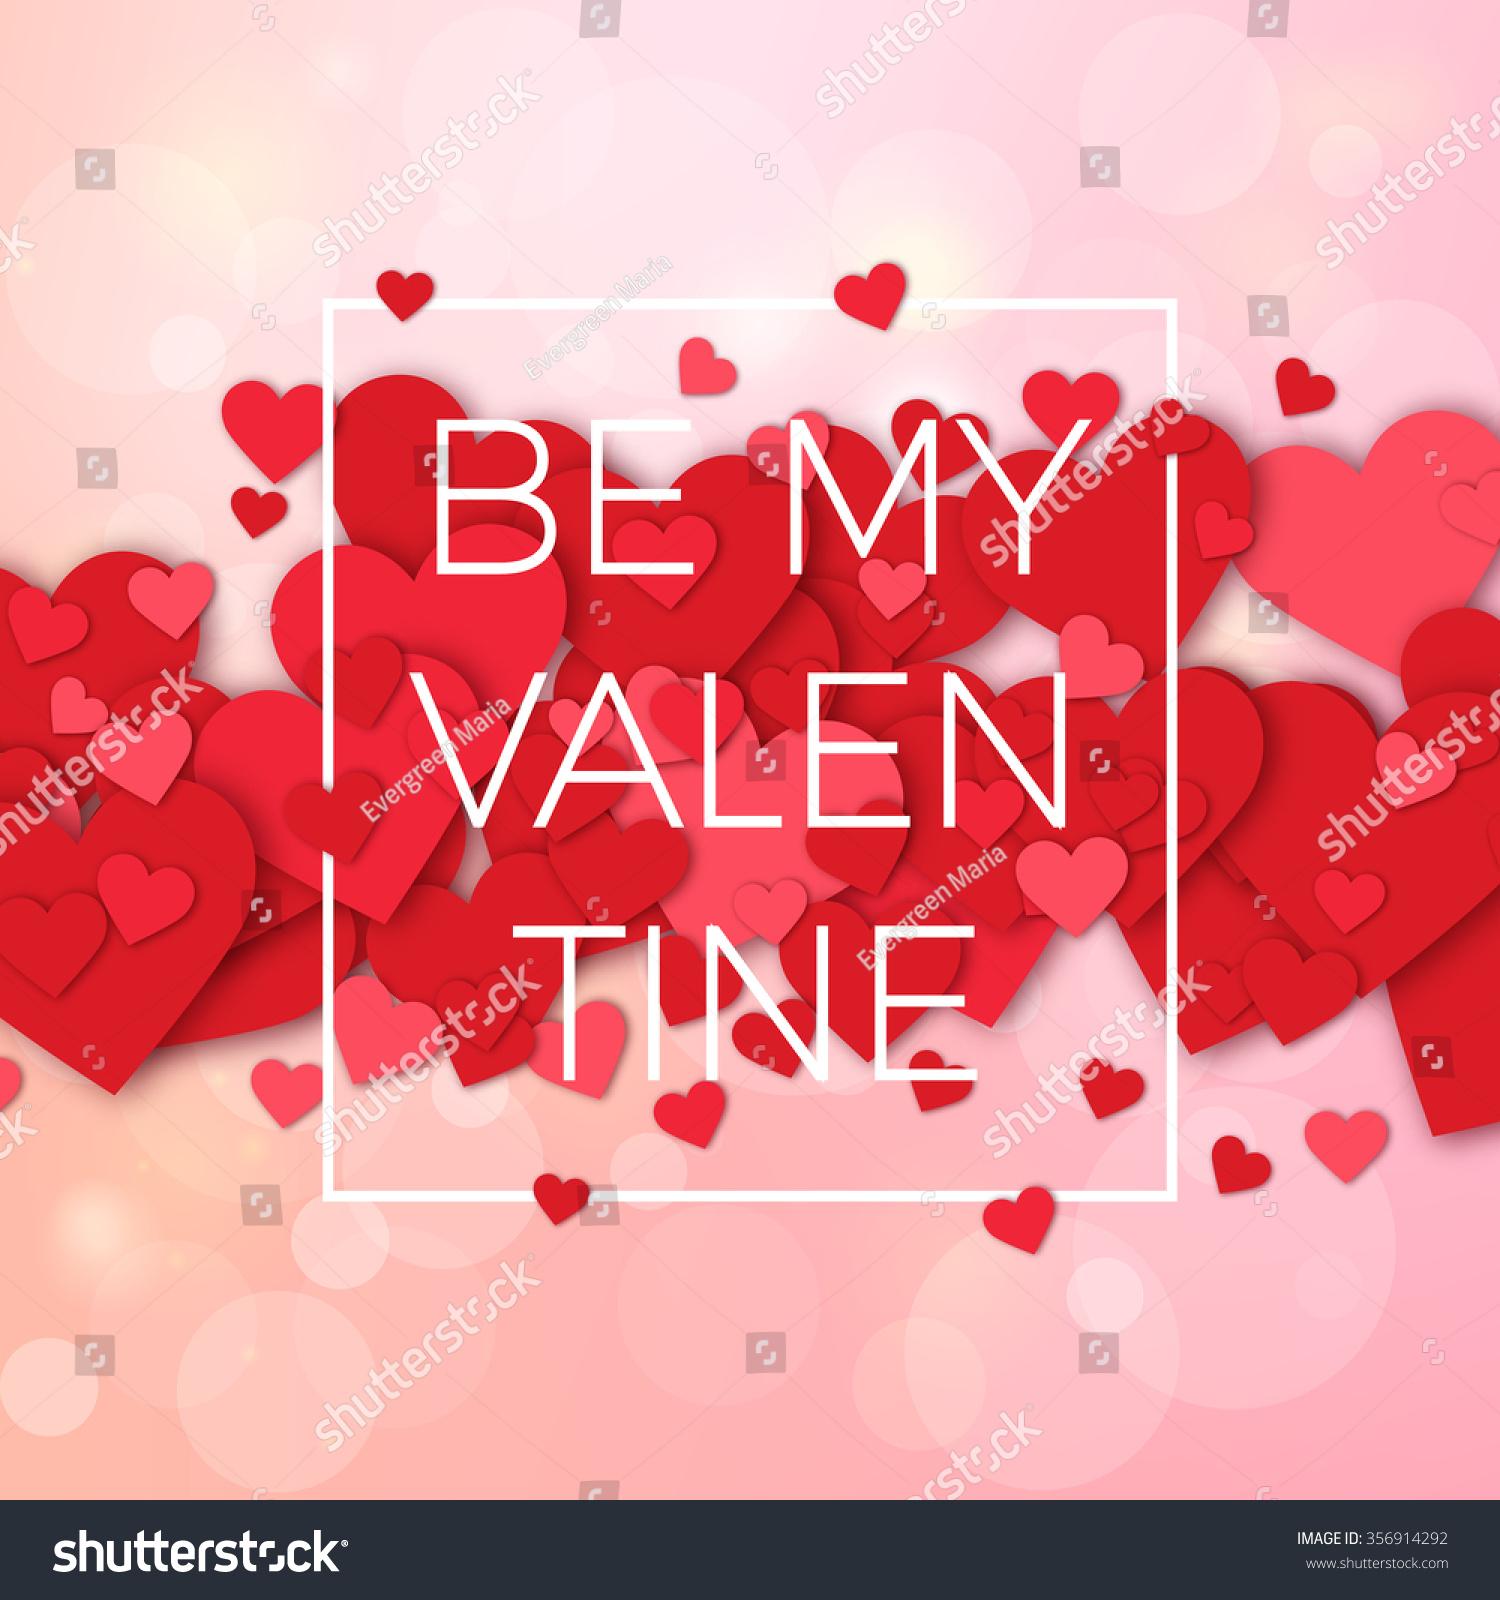 Happy Valentines Day Weeding Design Elements Stock-Vektorgrafik ...